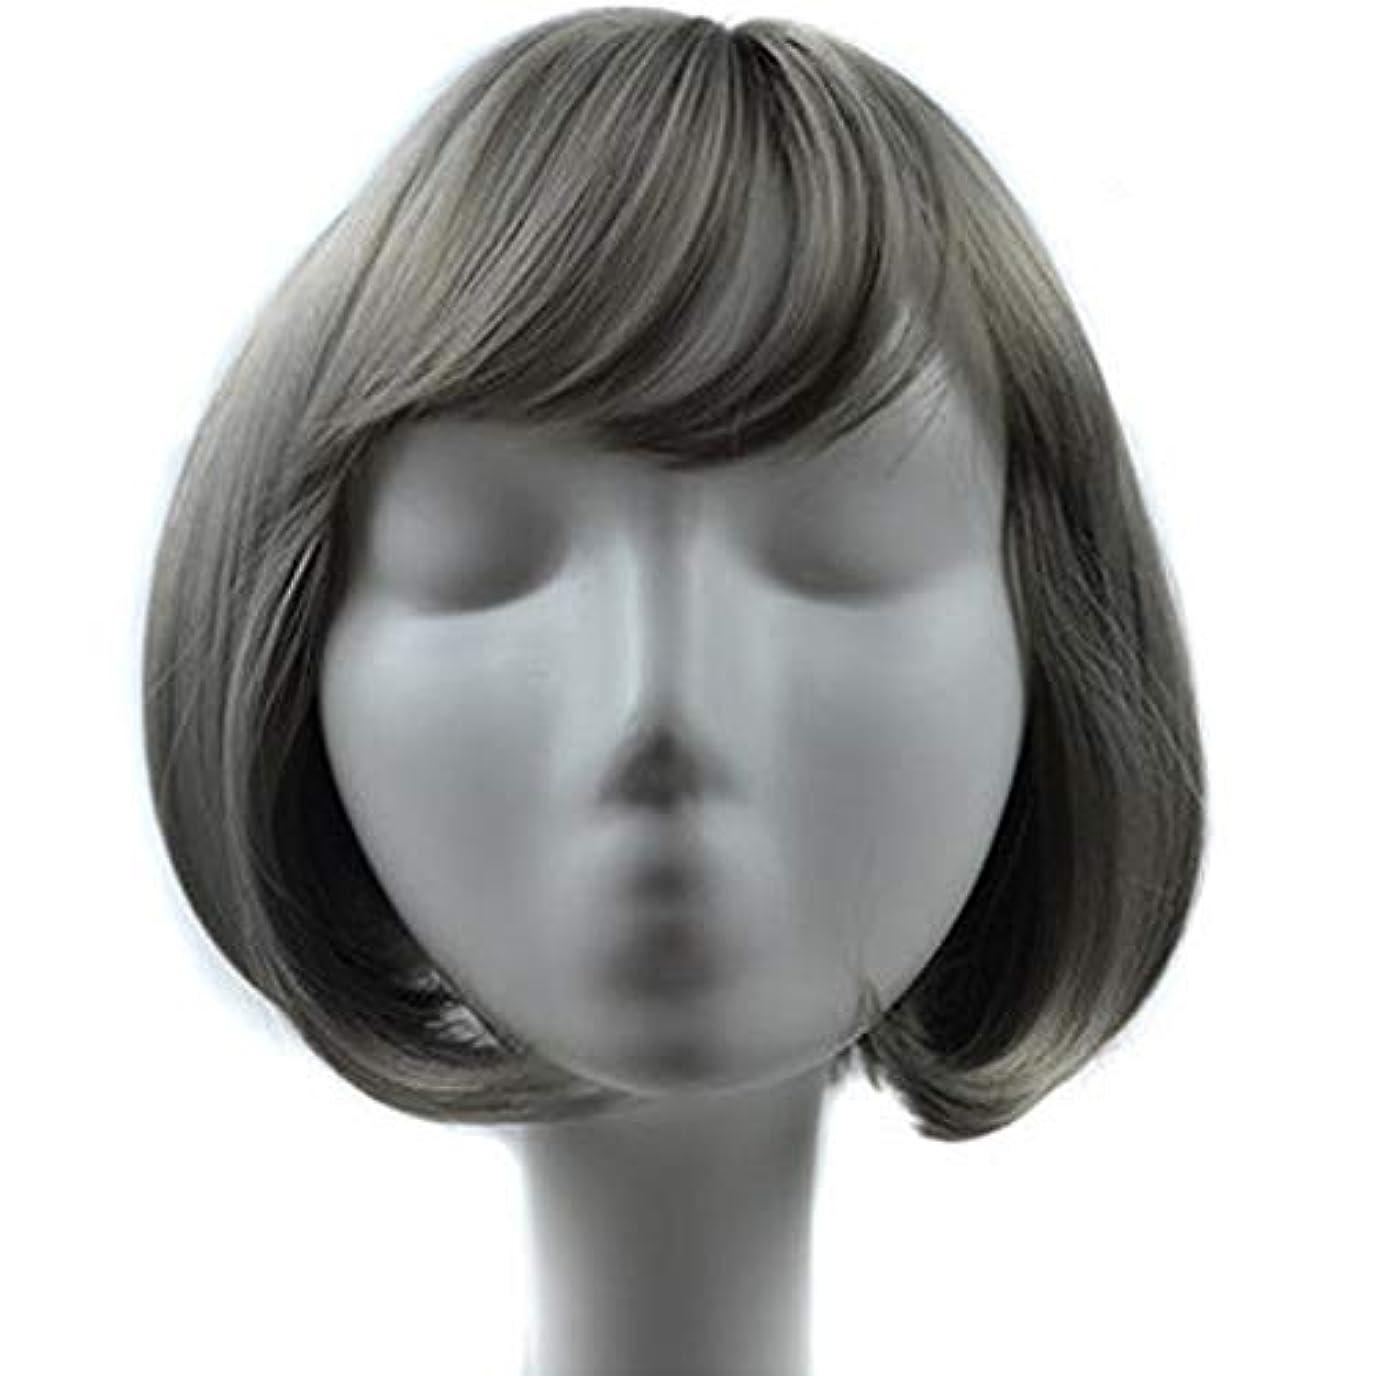 Lazayyii女子 かつら エアバン 天然のリアル ヘア前髪エアバンボボヘッドナシウィッグ (グレー)